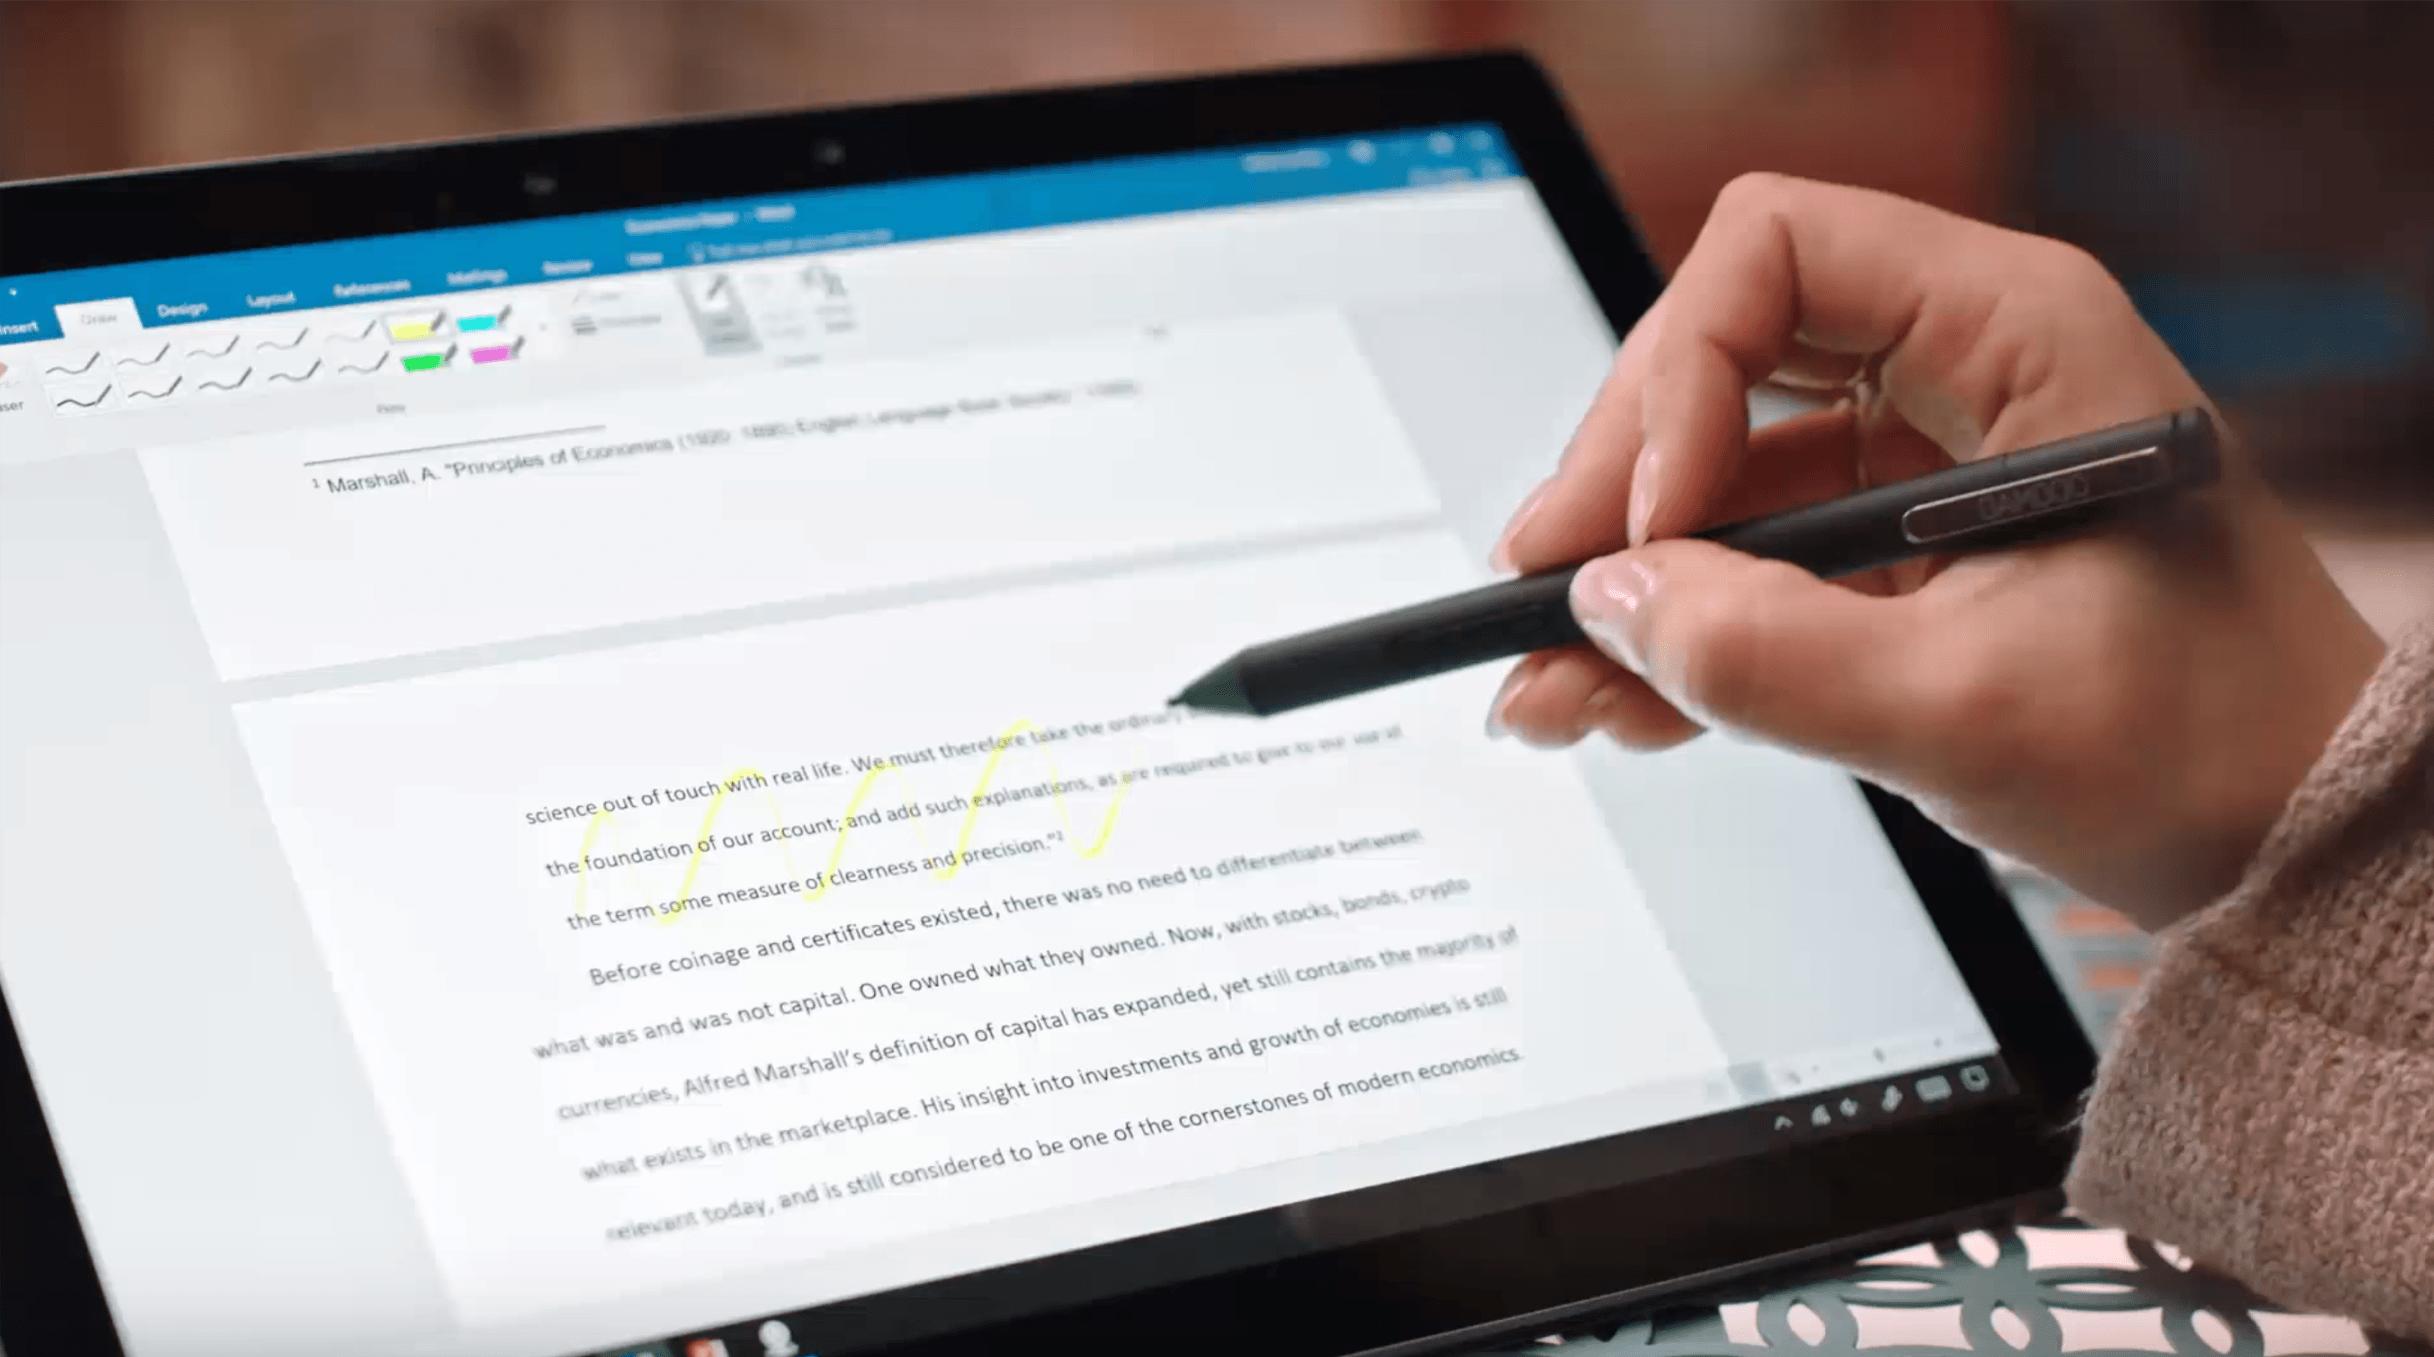 Tabletowo Rysik Bamboo Ink od Wa a dostępny dla dziesiątek tablet³w wspierających Windows Ink Akcesoria